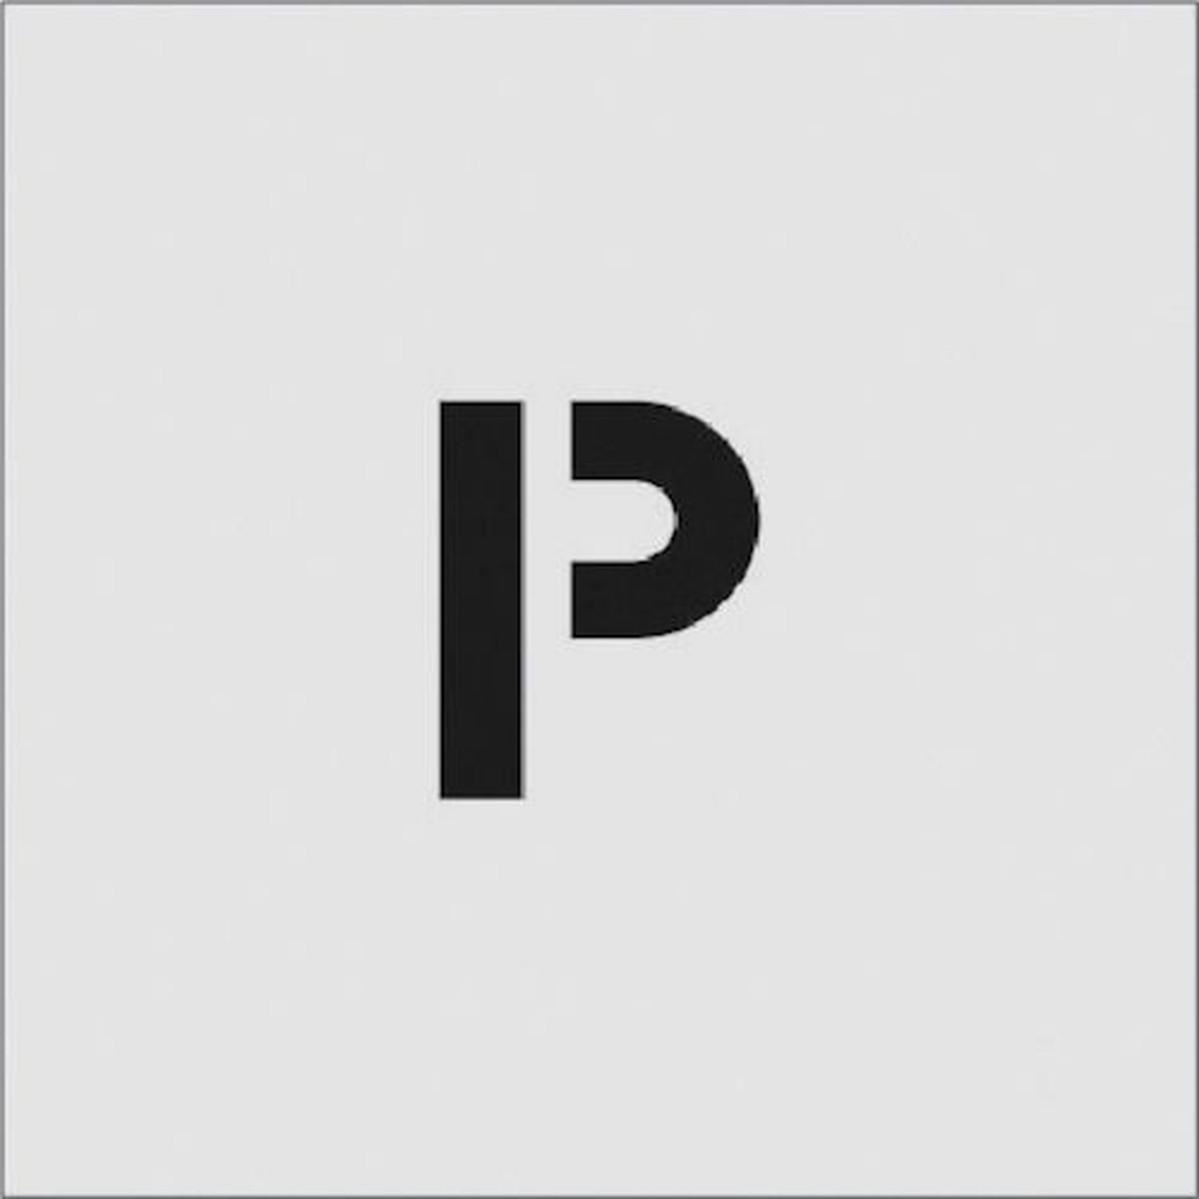 あす楽対応 DIY用品 IM ステンシル 文字サイズ50×40mm 付与 1枚 店 P